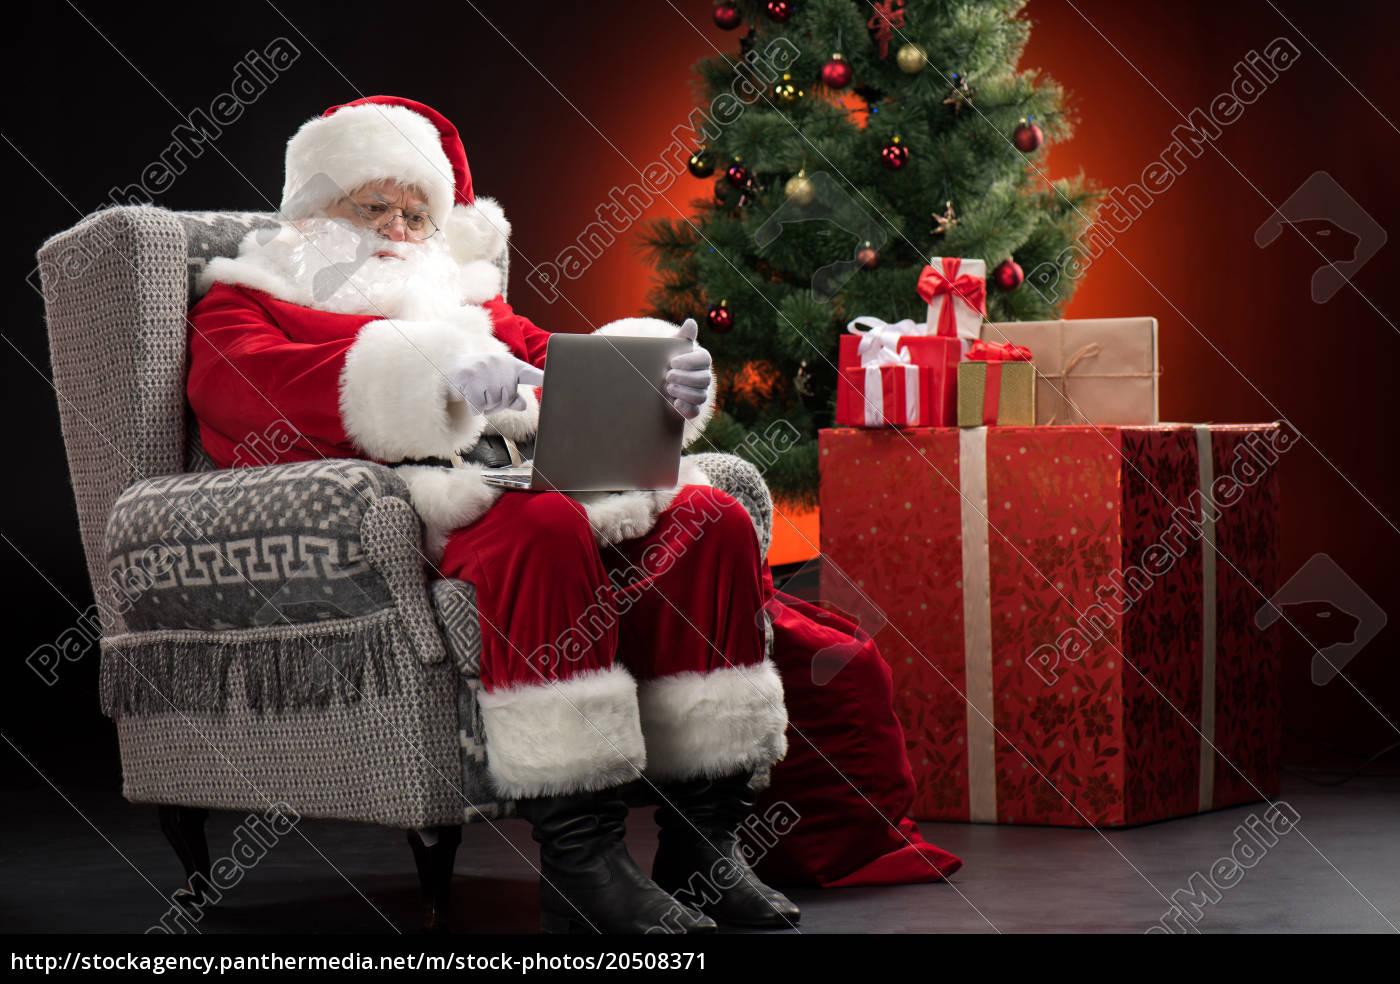 santa, claus, using, laptop - 20508371